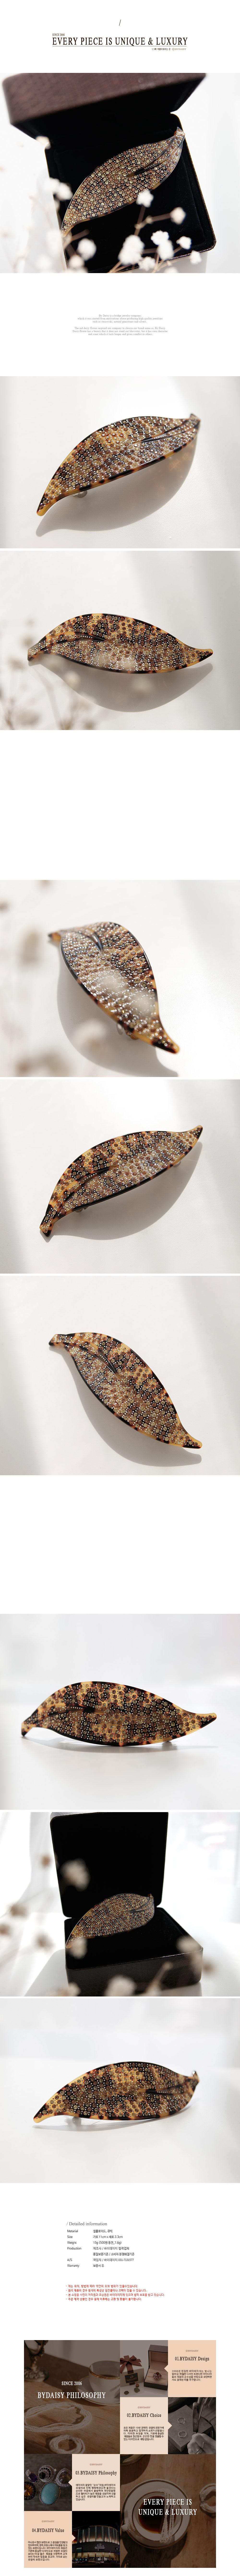 바이데이지 Ba0378 프랑스수입 나뭇잎큐빅 헤어자동핀 - 바이데이지, 73,100원, 헤어핀/밴드/끈, 헤어핀/끈